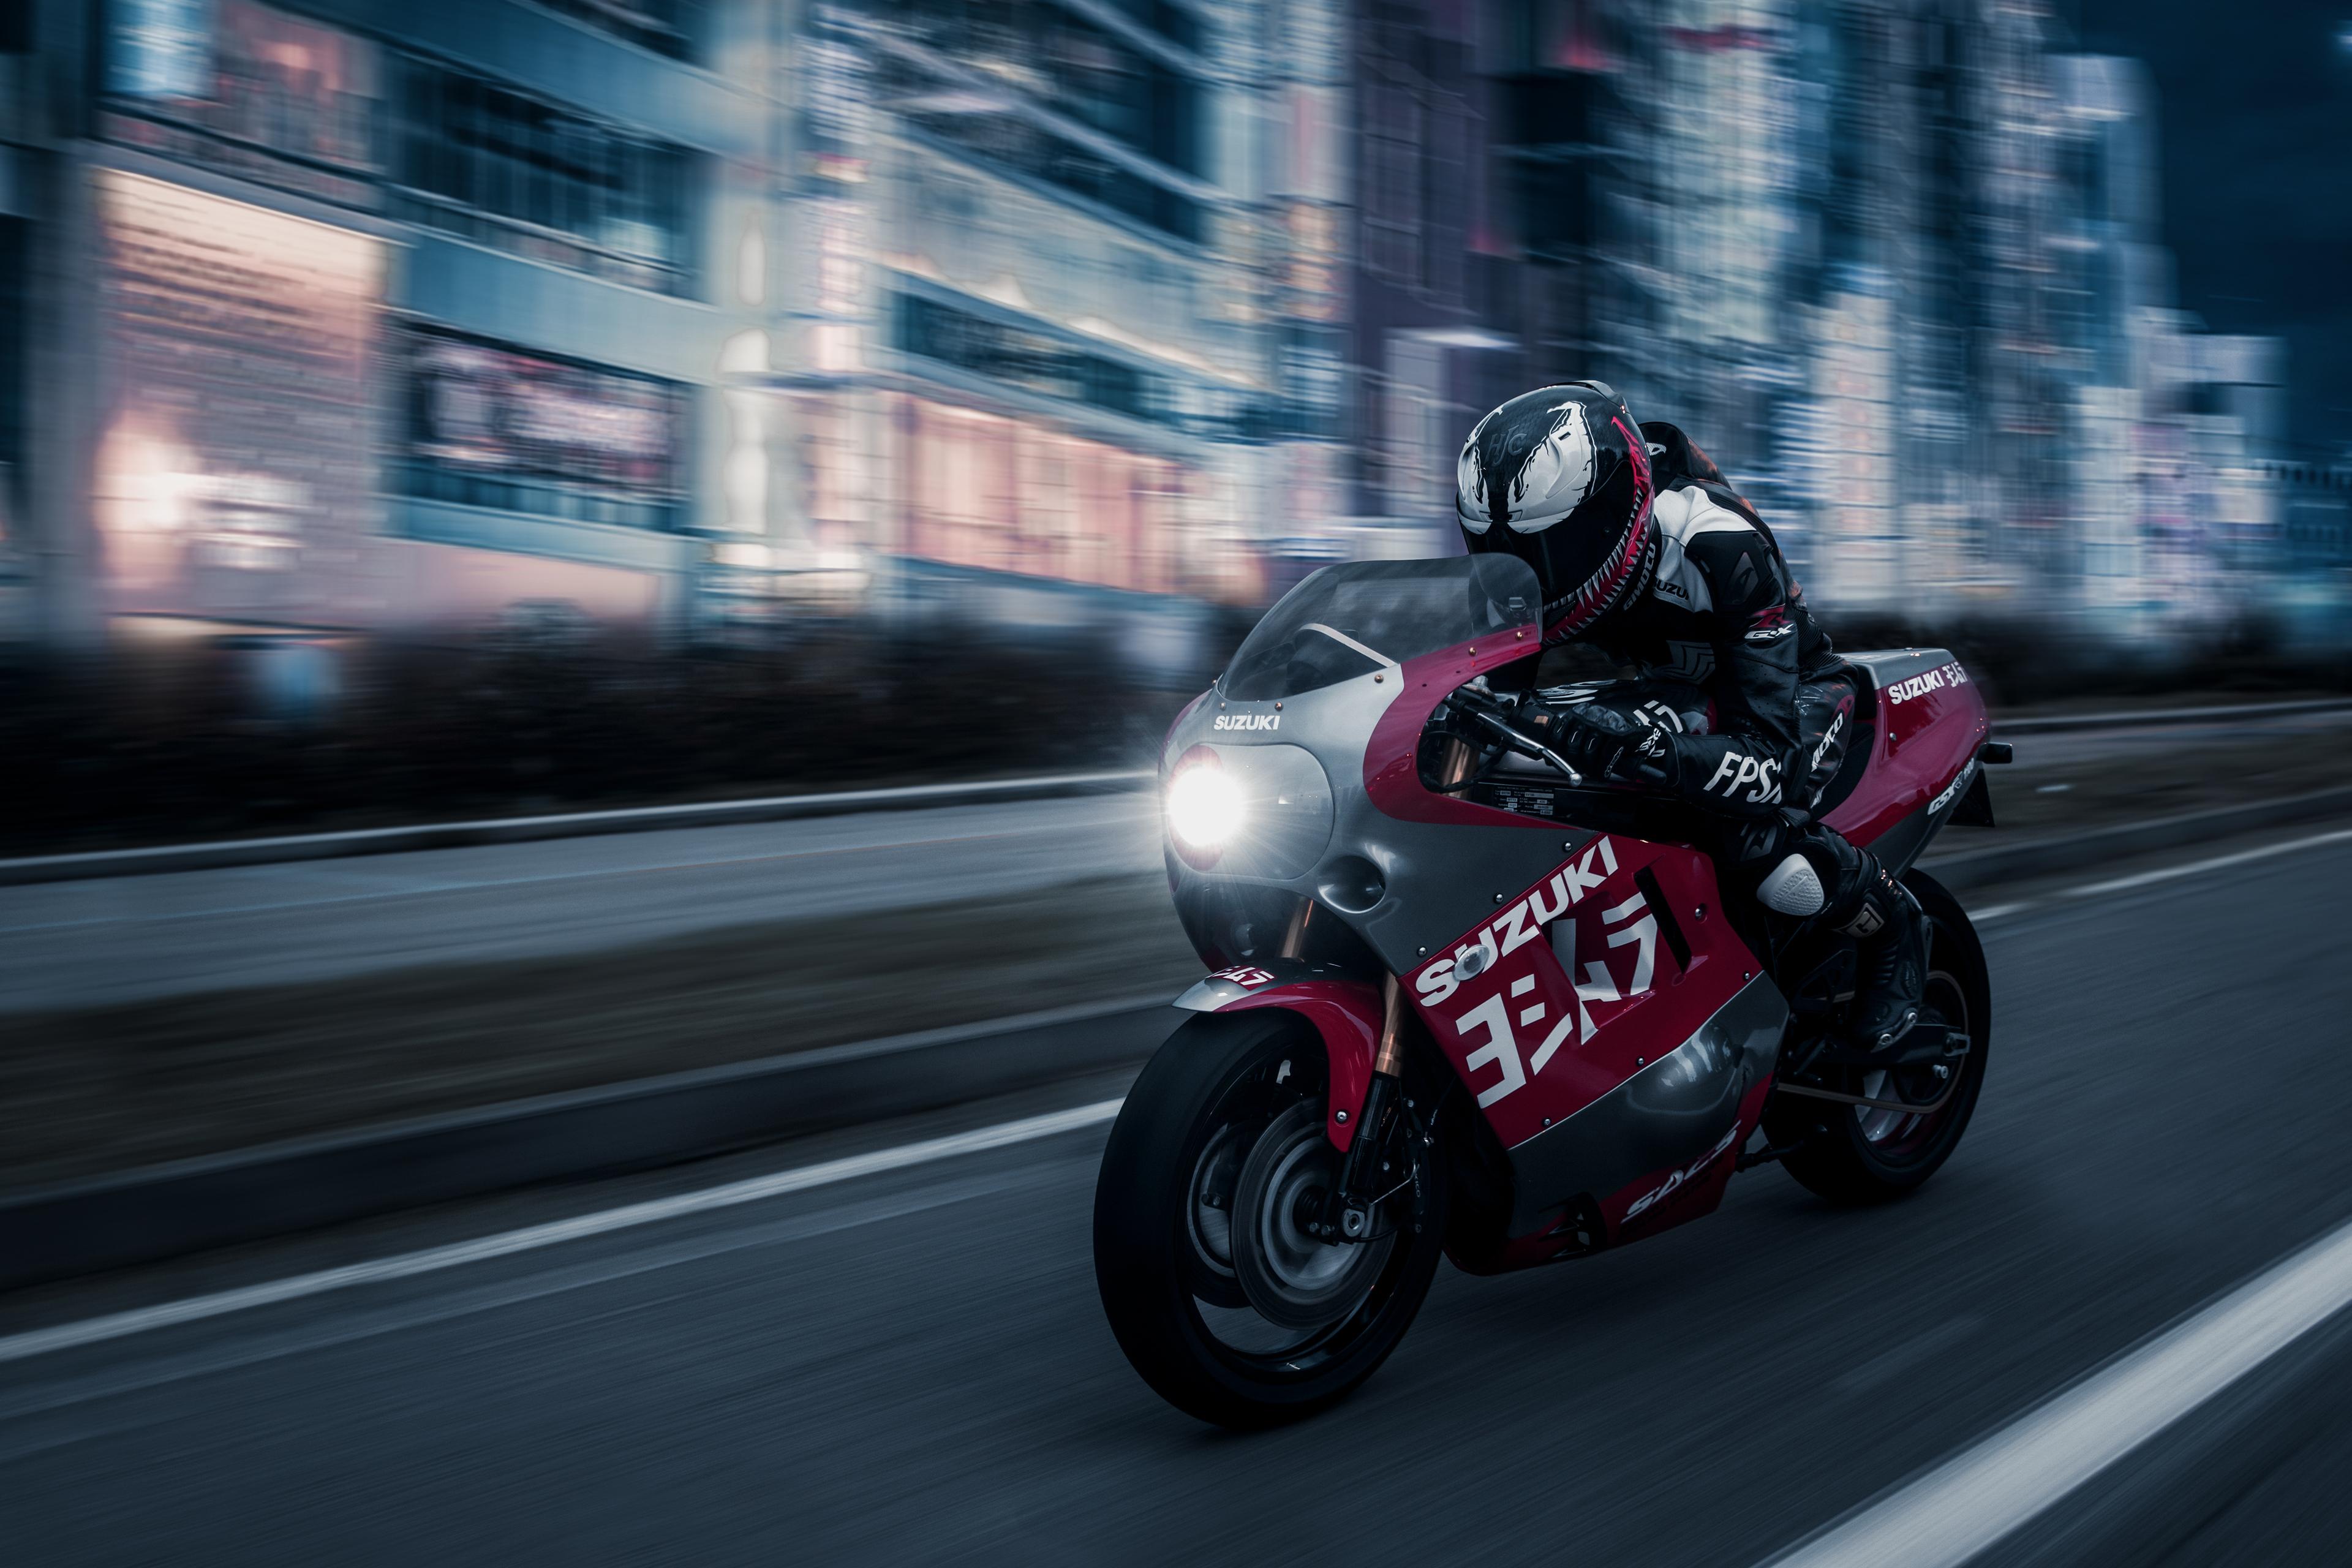 Venom Suzuki GSX R 1100, HD Bikes, 4k Wallpapers, Images